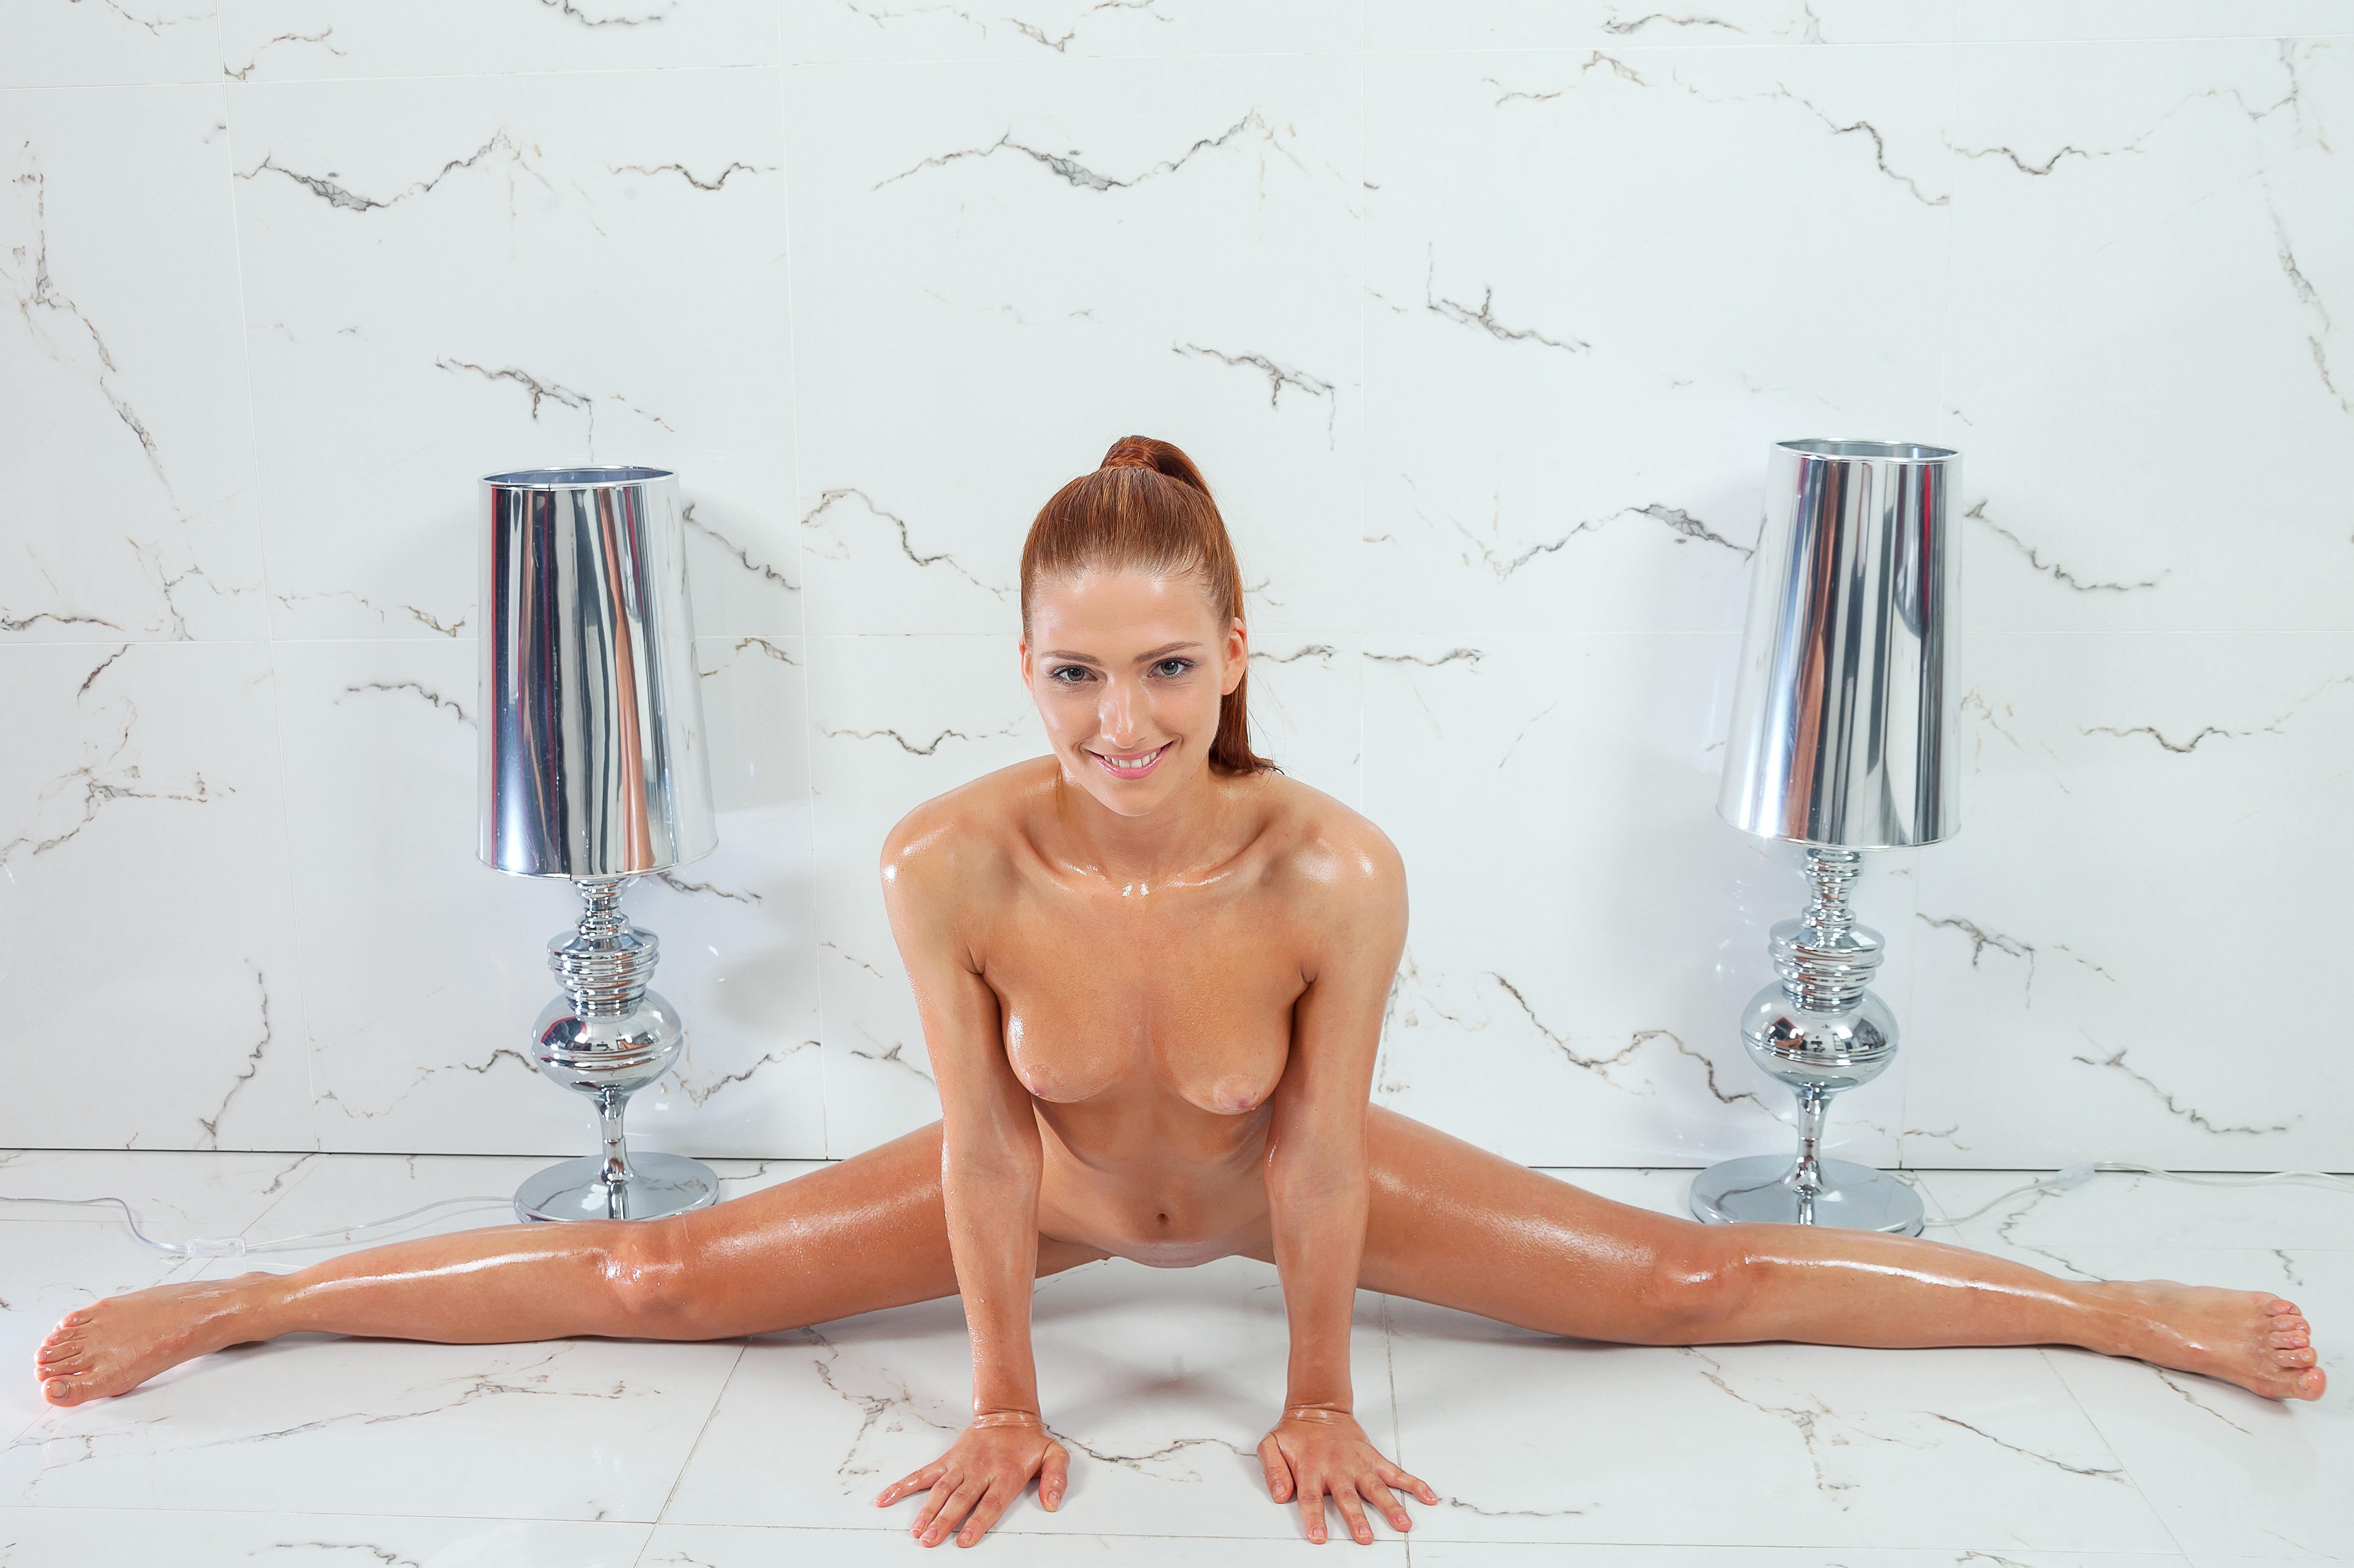 гибкая голая гимнастка